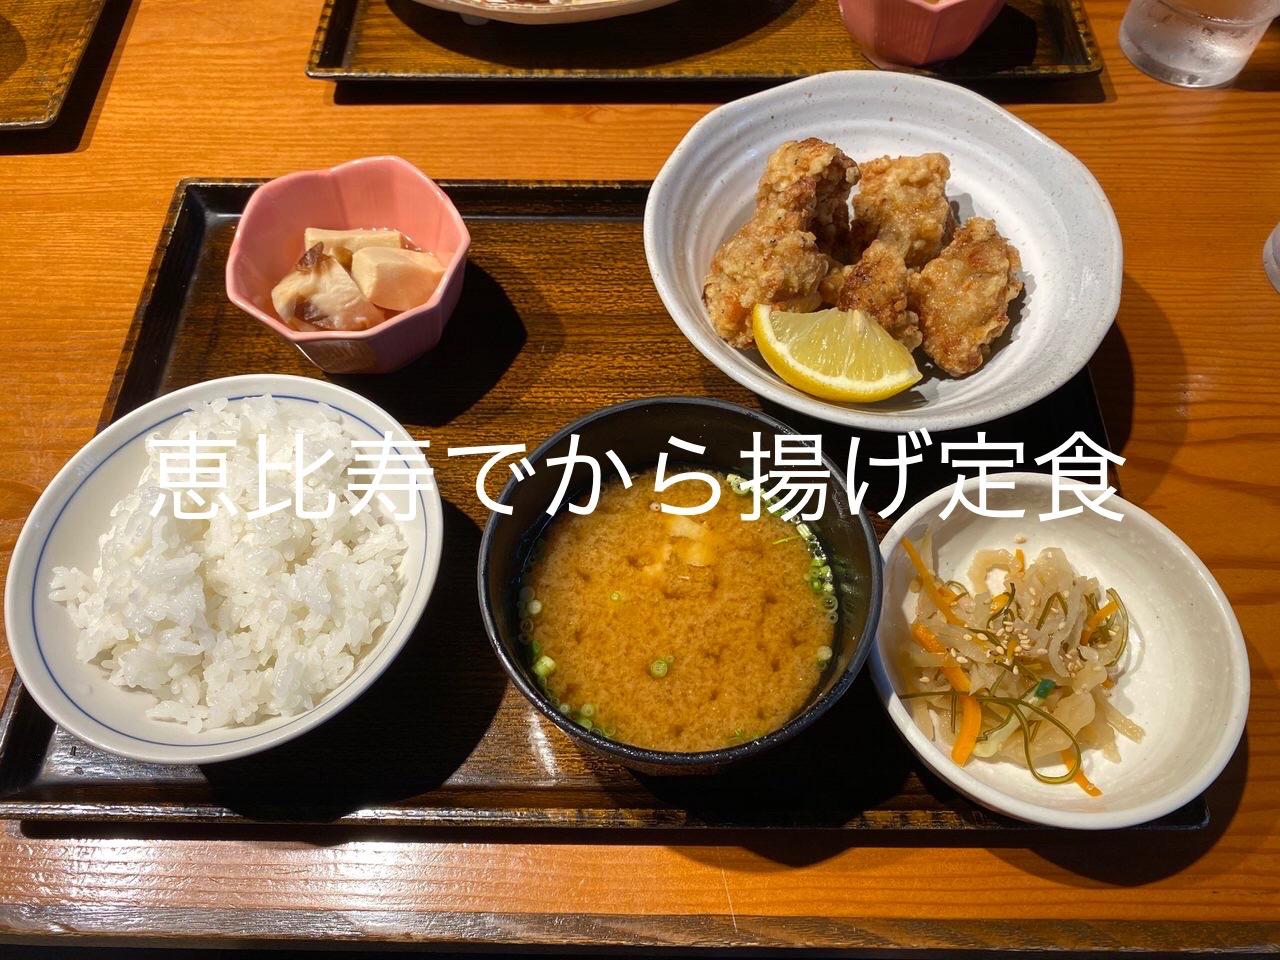 ふらりと立ち寄った「なかよし」の若鶏のから揚げ定食が美味しかった(恵比寿)